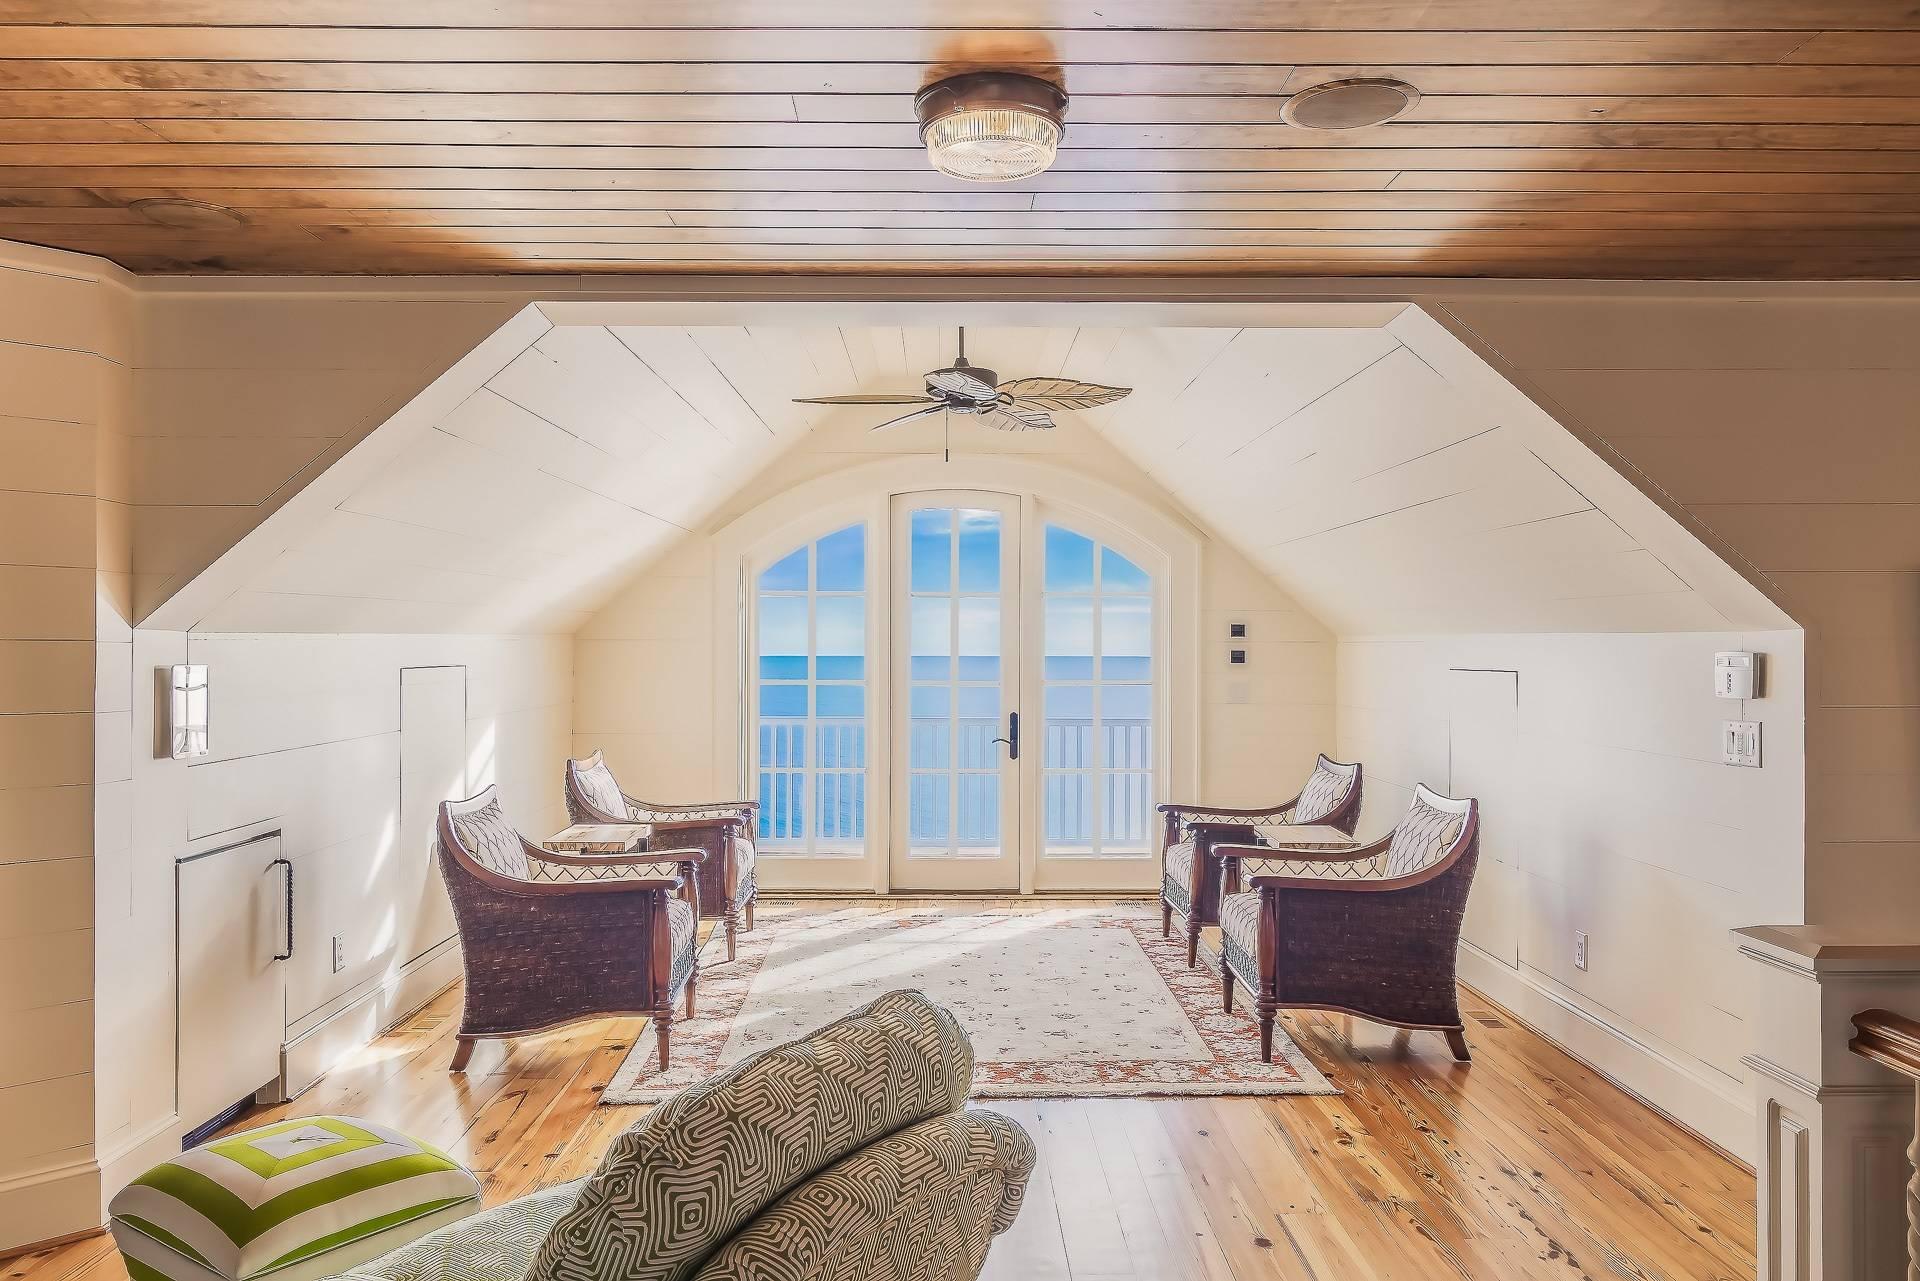 Как визуально увеличить низкий потолок: практические советы